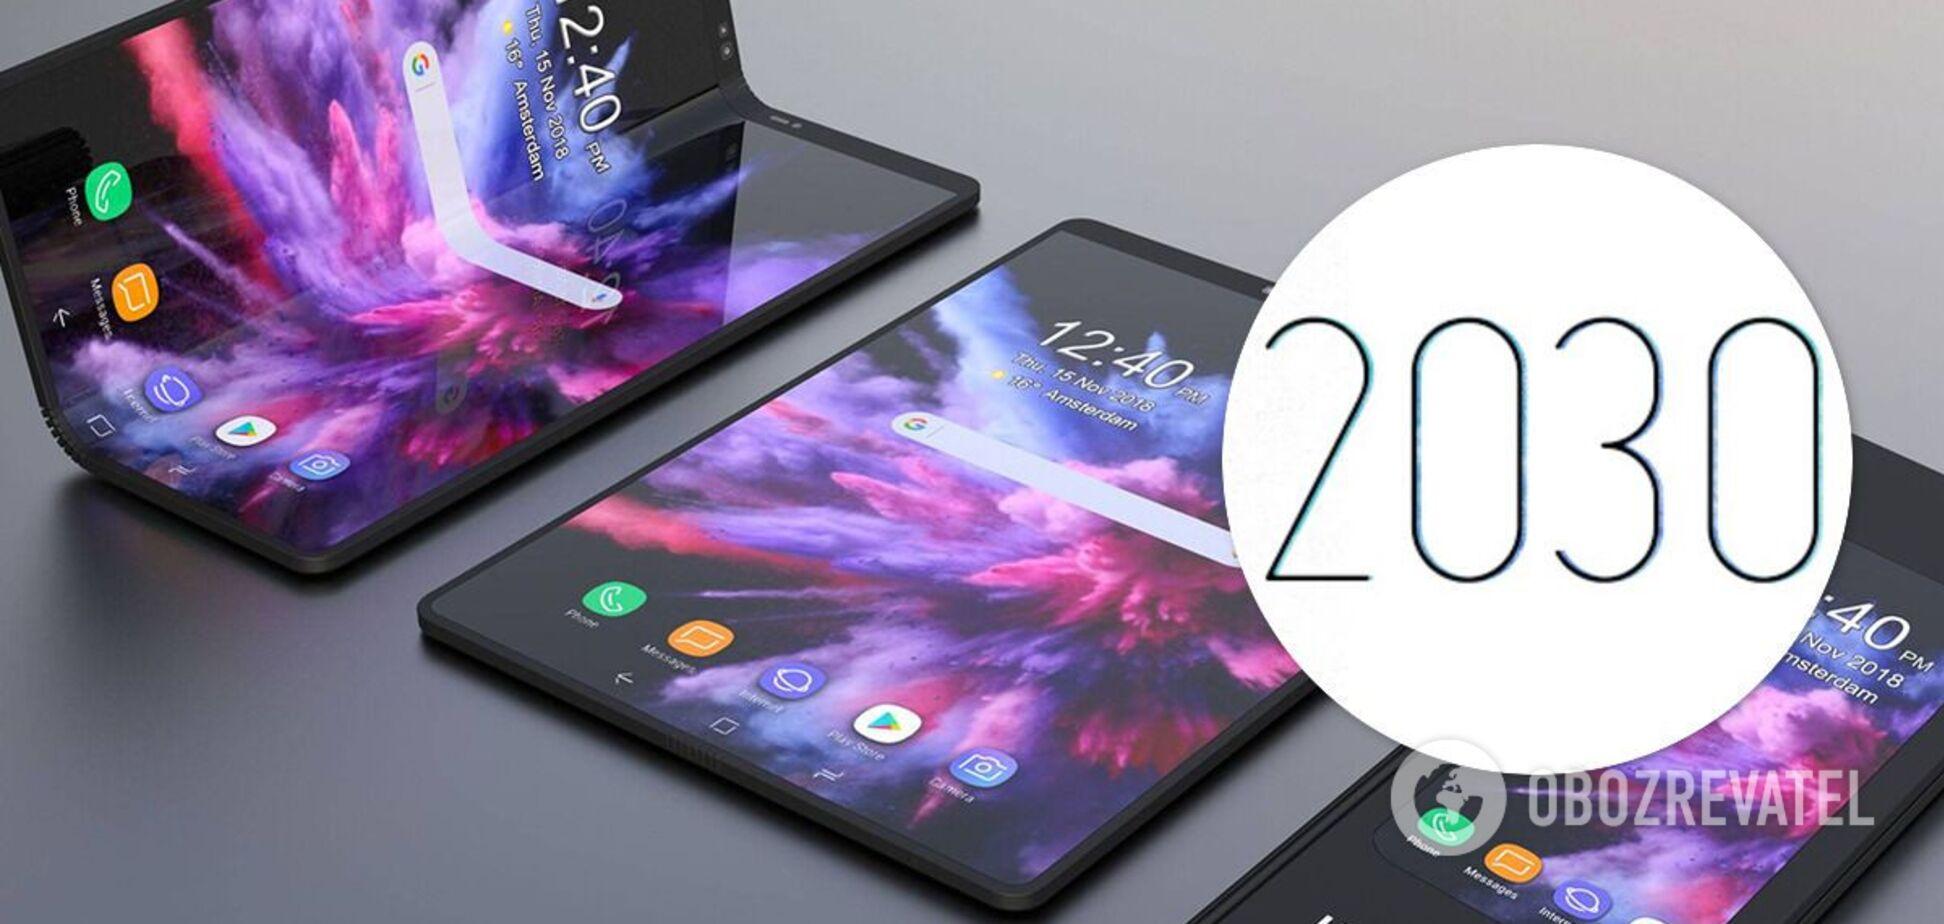 Какими будут смартфоны через 10 лет: прогноз на 2030 год